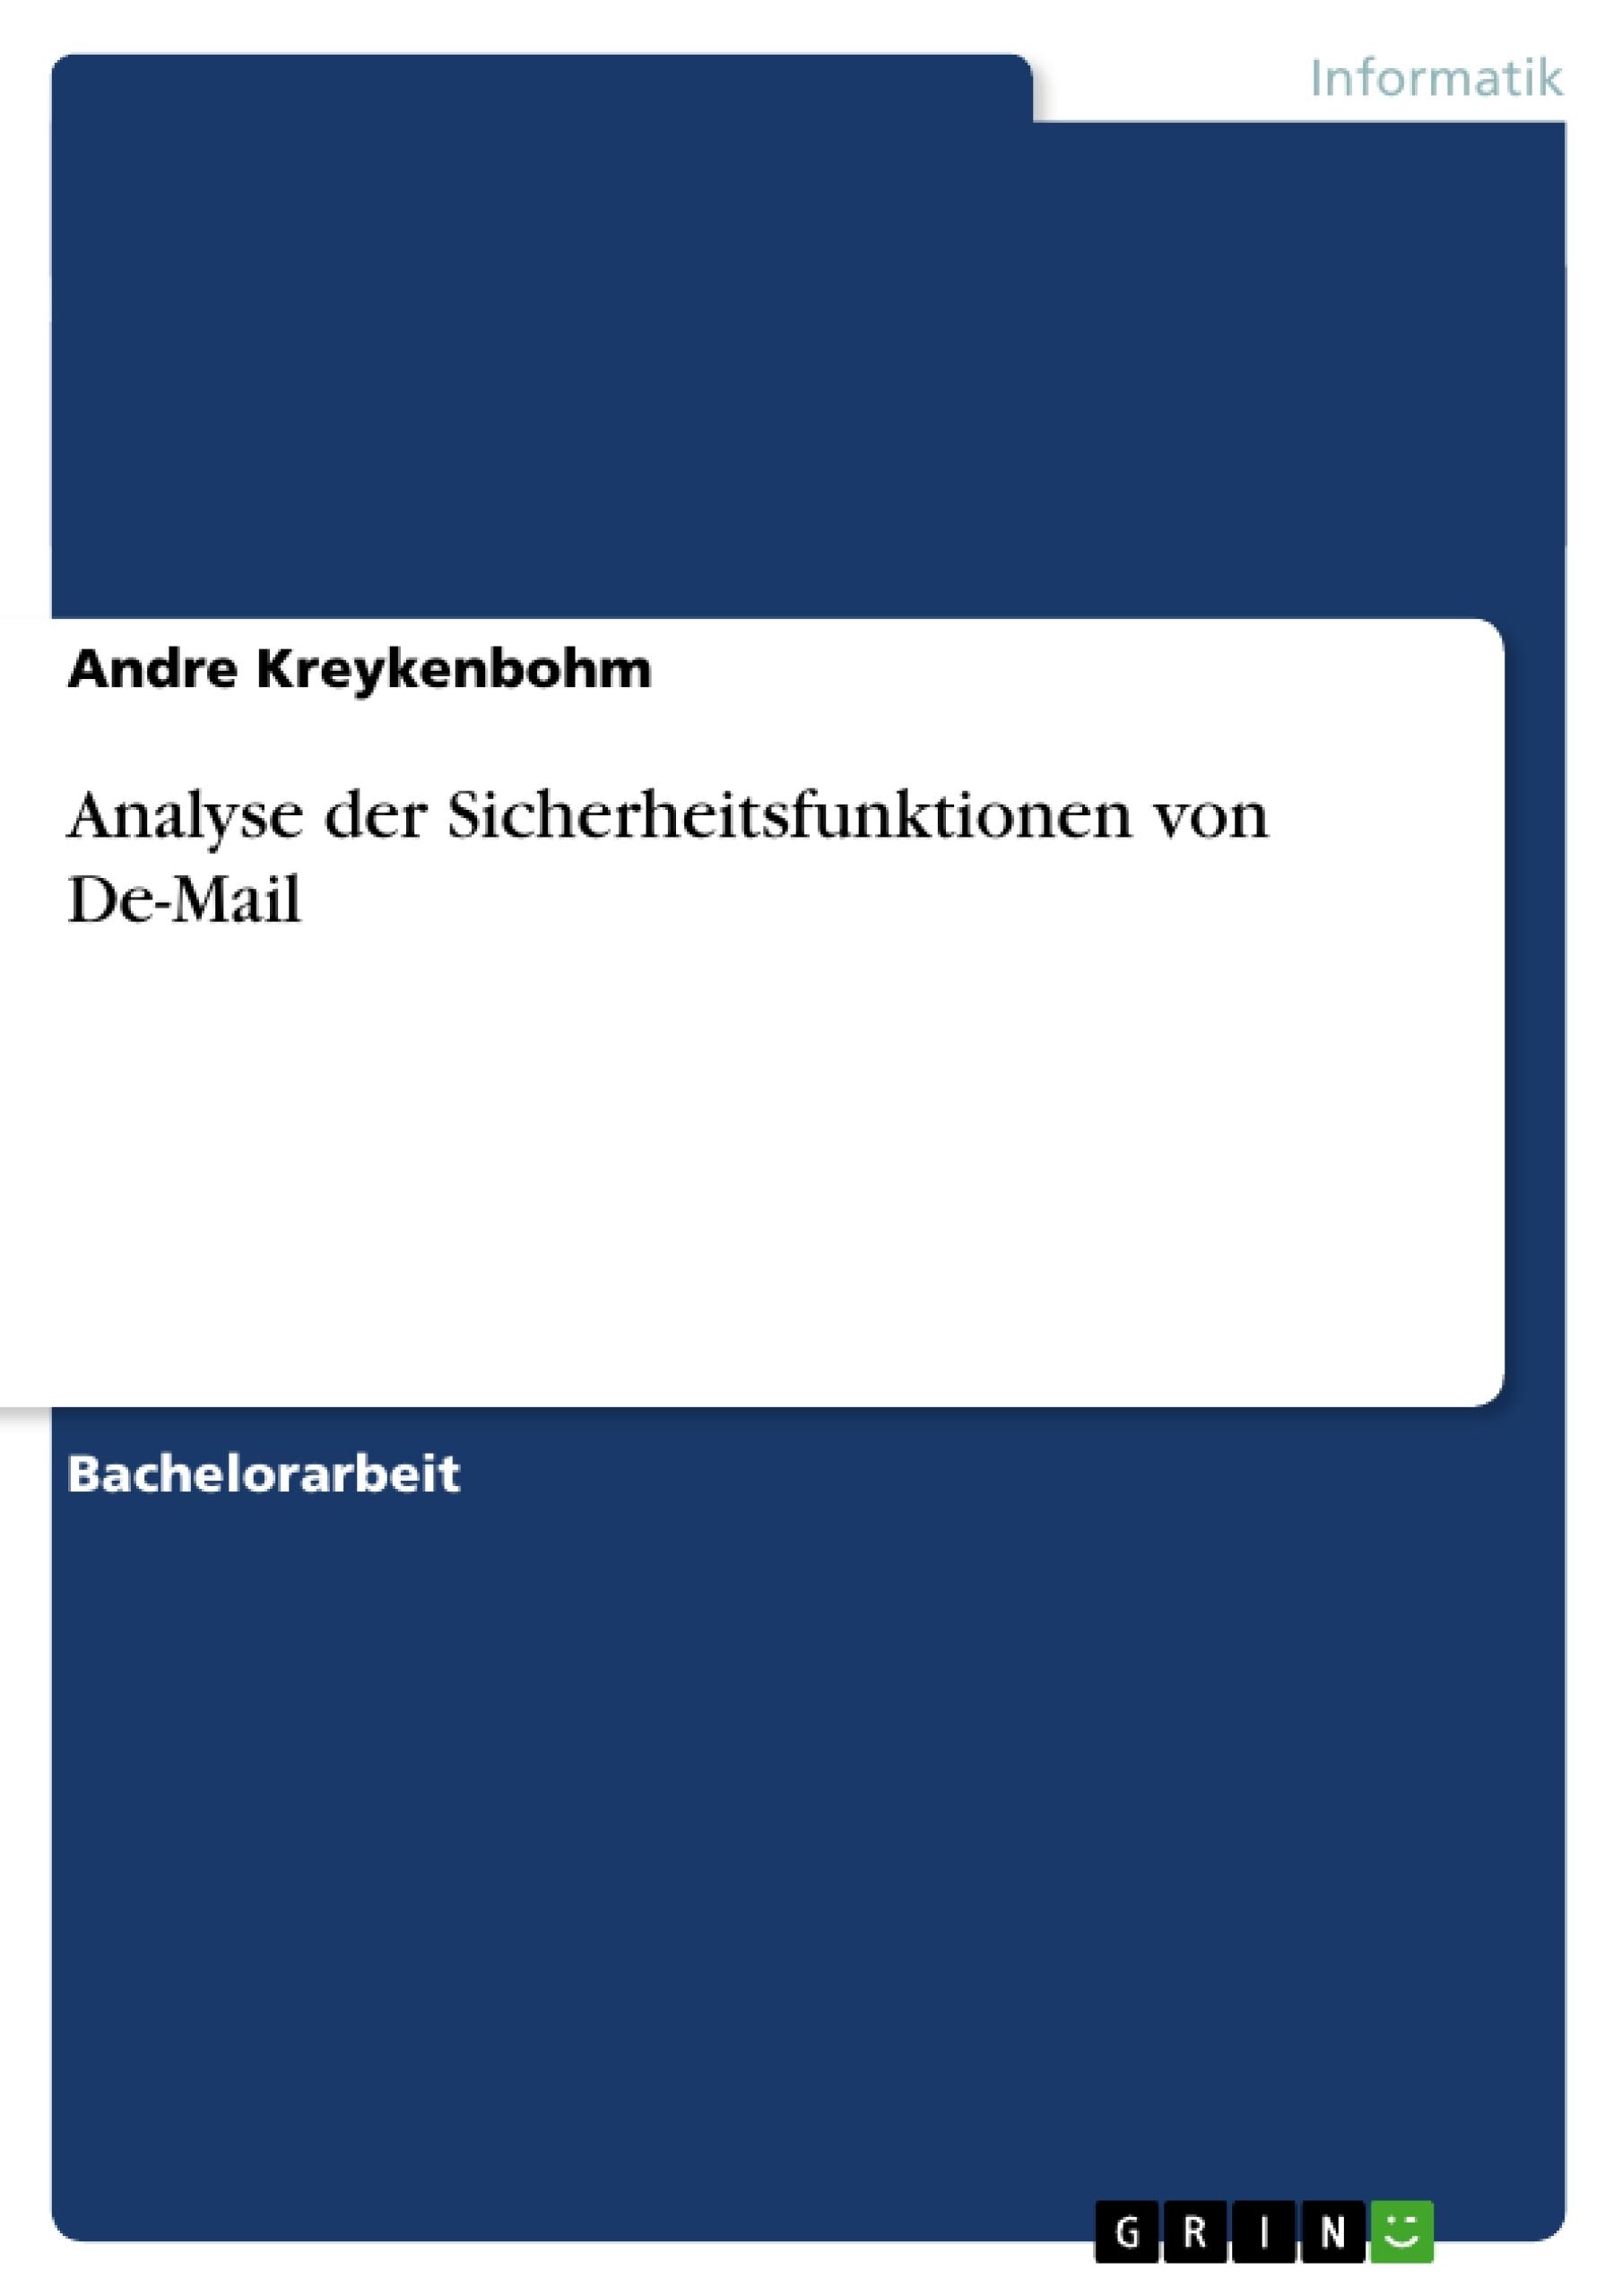 Titel: Analyse der Sicherheitsfunktionen von De-Mail